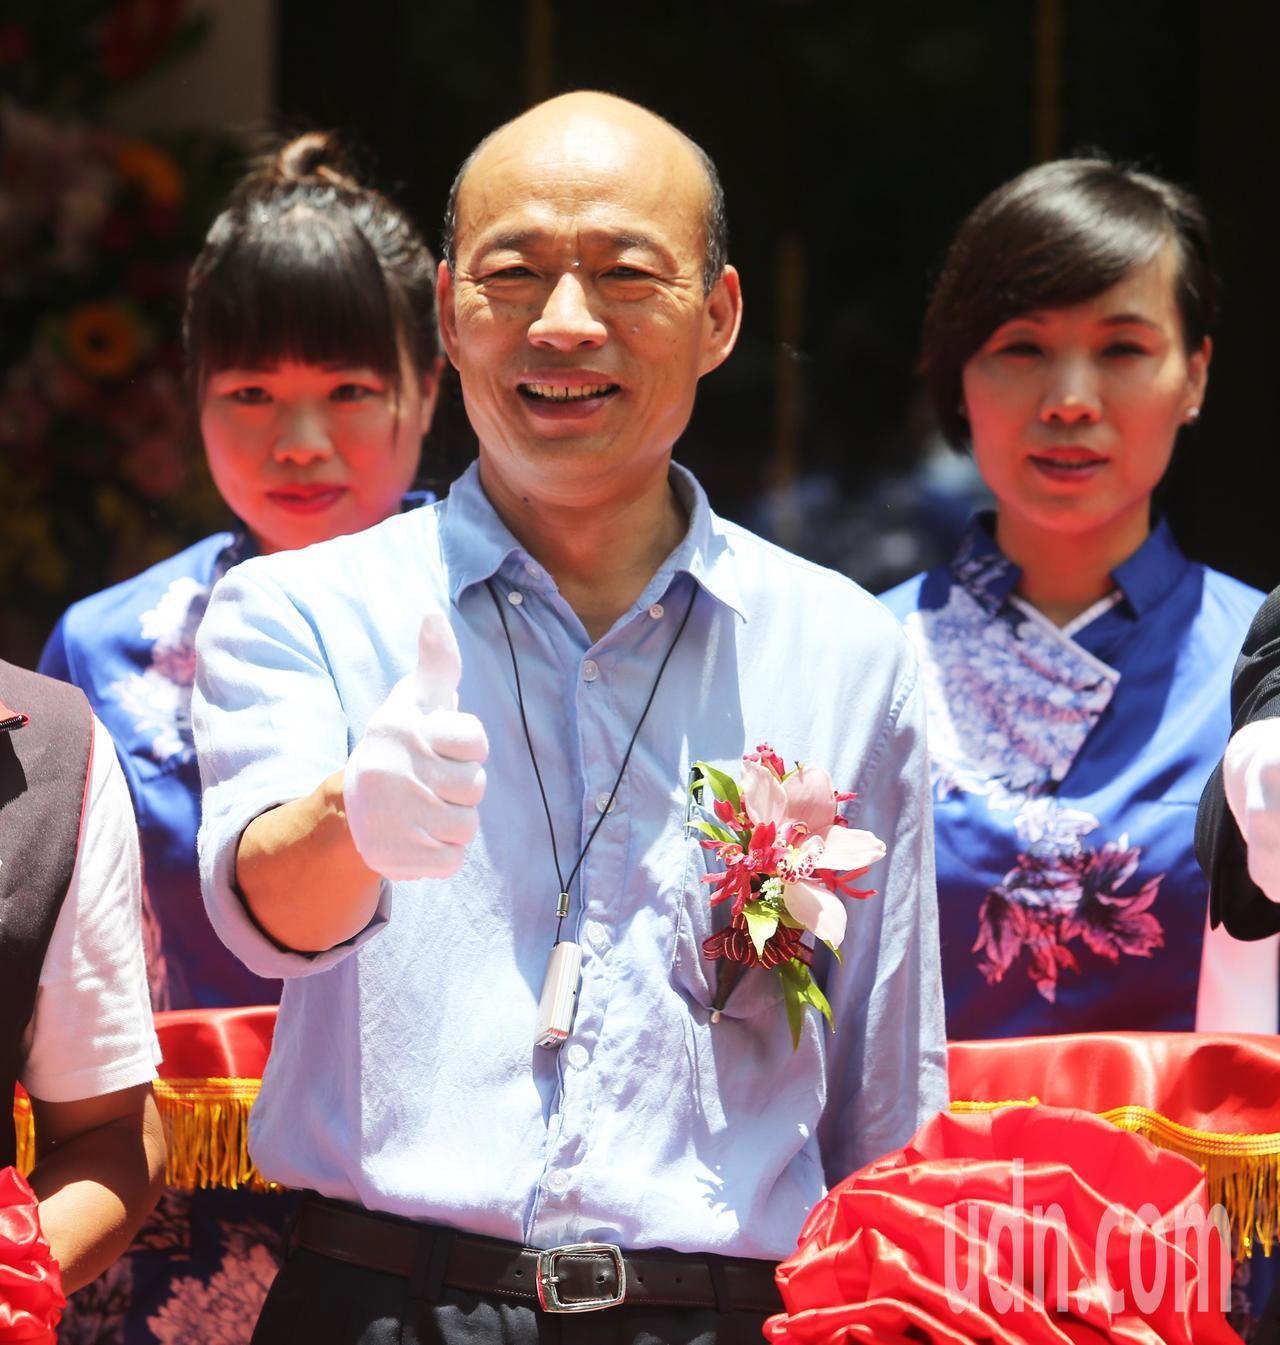 高雄市長韓國瑜參加頂鮮餐廳開幕。記者劉學聖/攝影